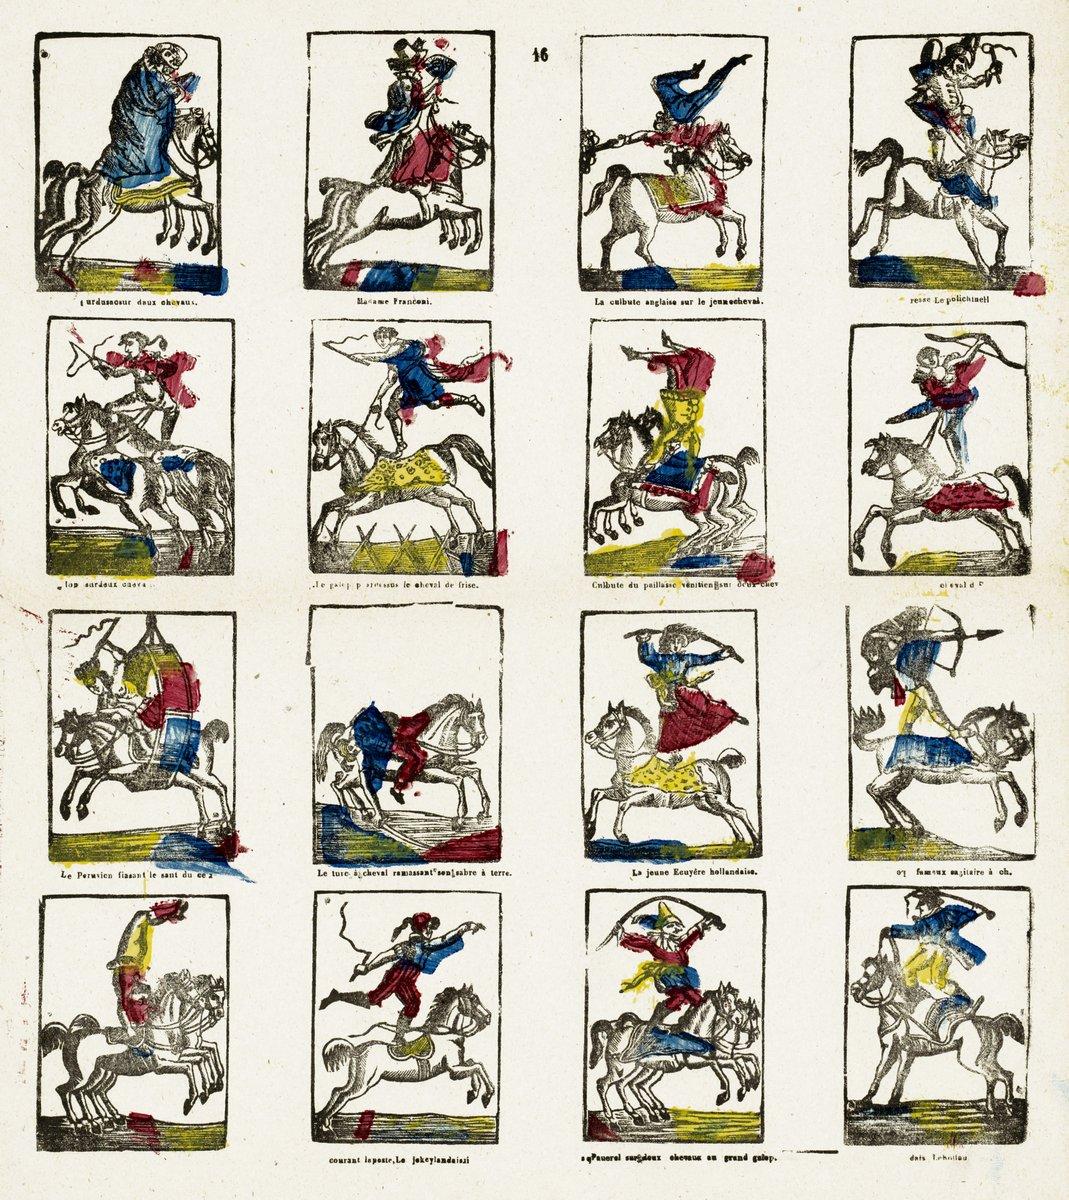 Цирк в живописи и графике, картина Неизвестный художник «Акробаты на лошадях»Цирк в живописи и графике<br>Репродукция на холсте или бумаге. Любого нужного вам размера. В раме или без. Подвес в комплекте. Трехслойная надежная упаковка. Доставим в любую точку России. Вам осталось только повесить картину на стену!<br>